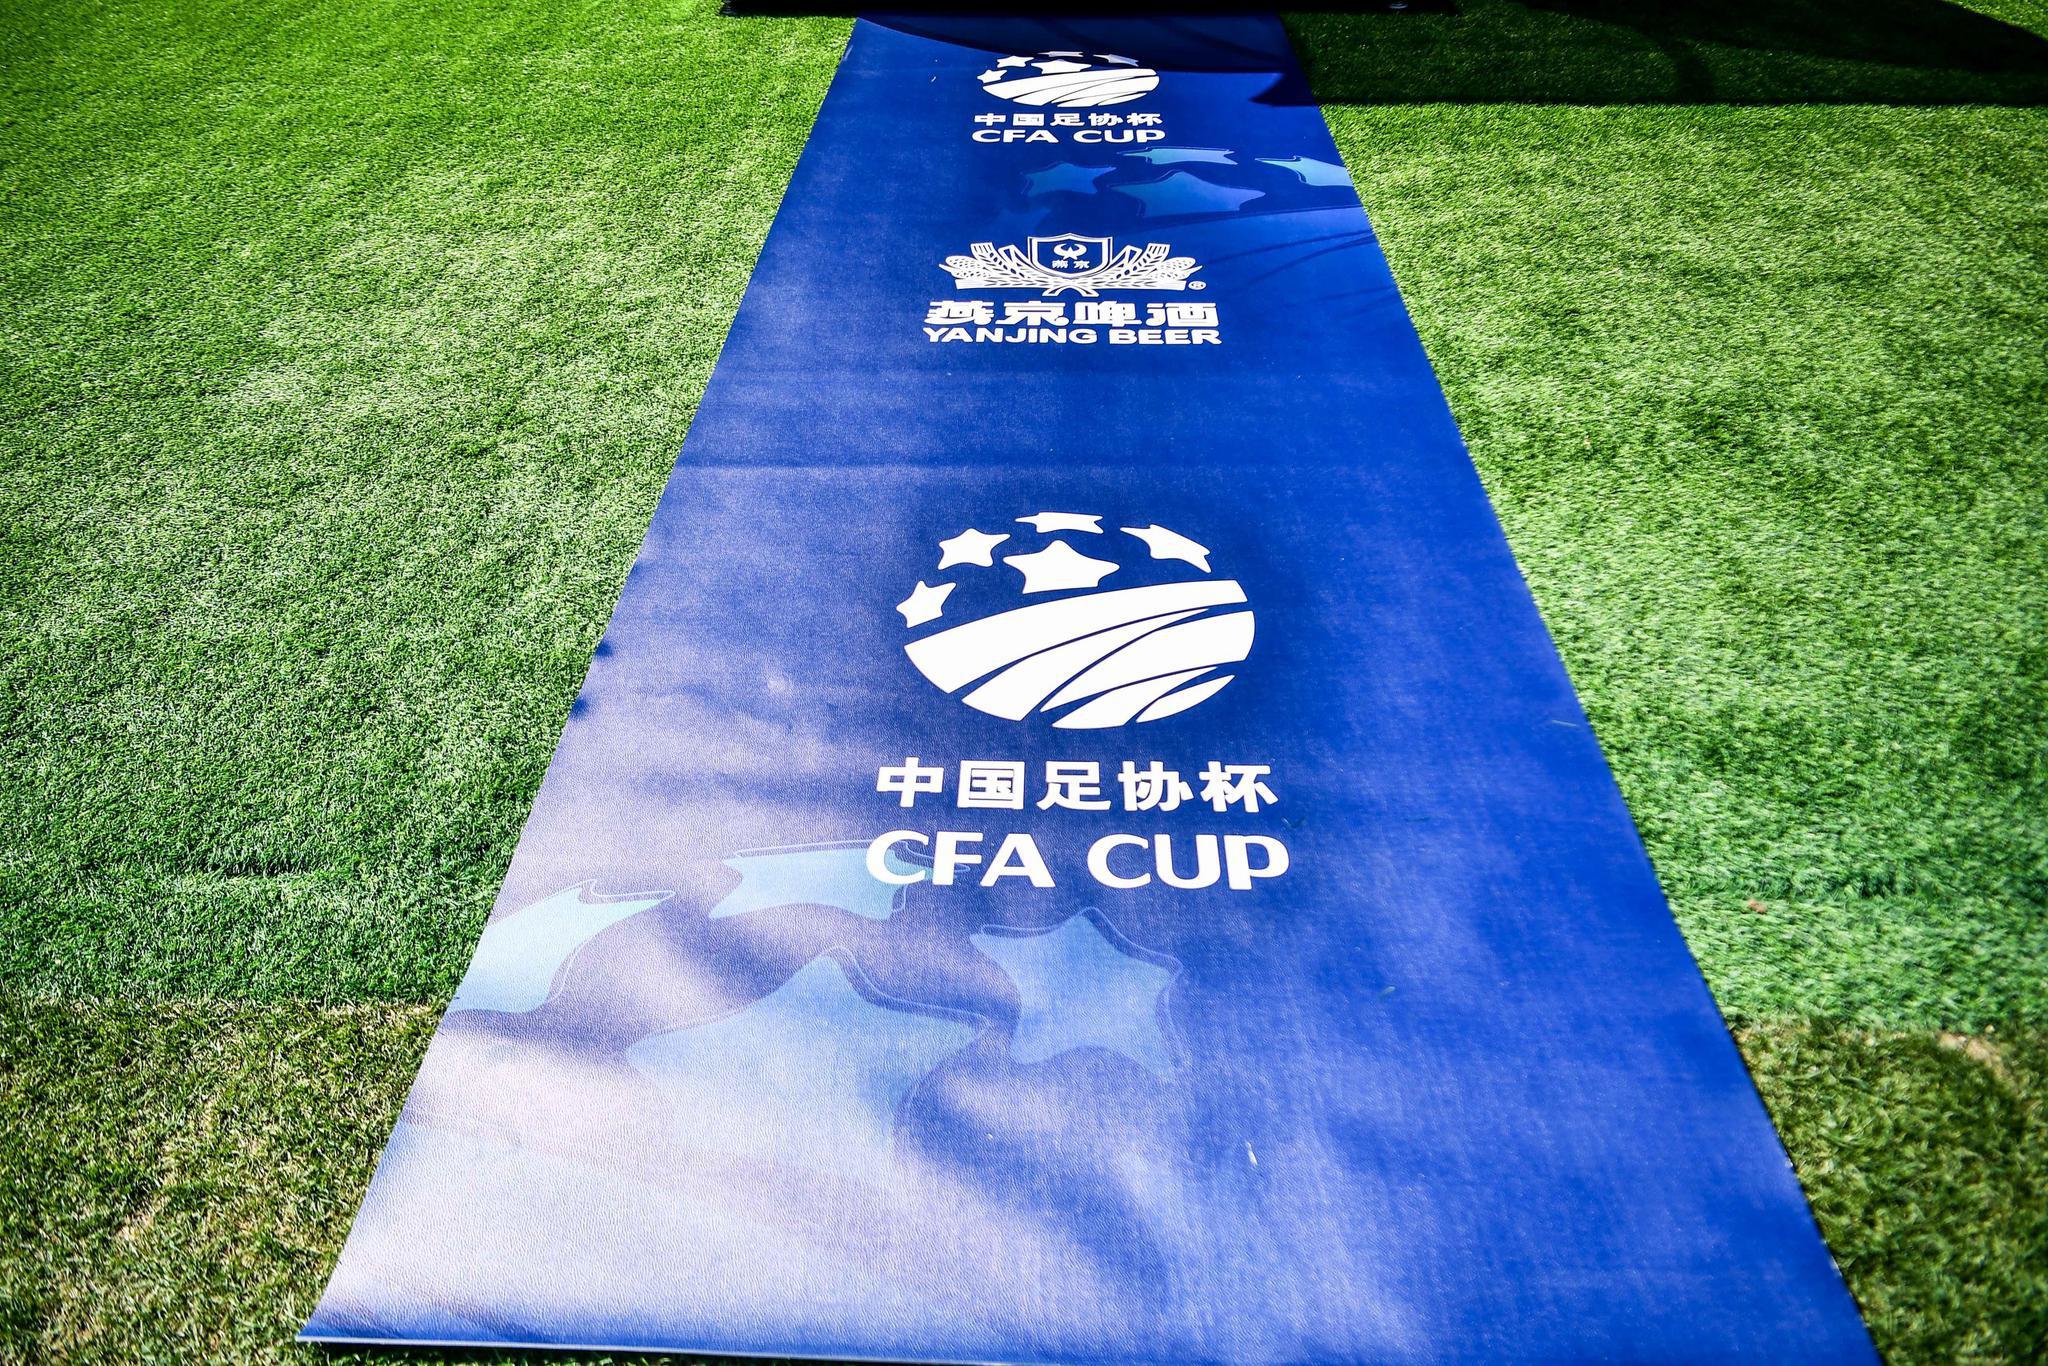 新赛季足协杯将于7月31日开赛,中乙球队将先赛两轮